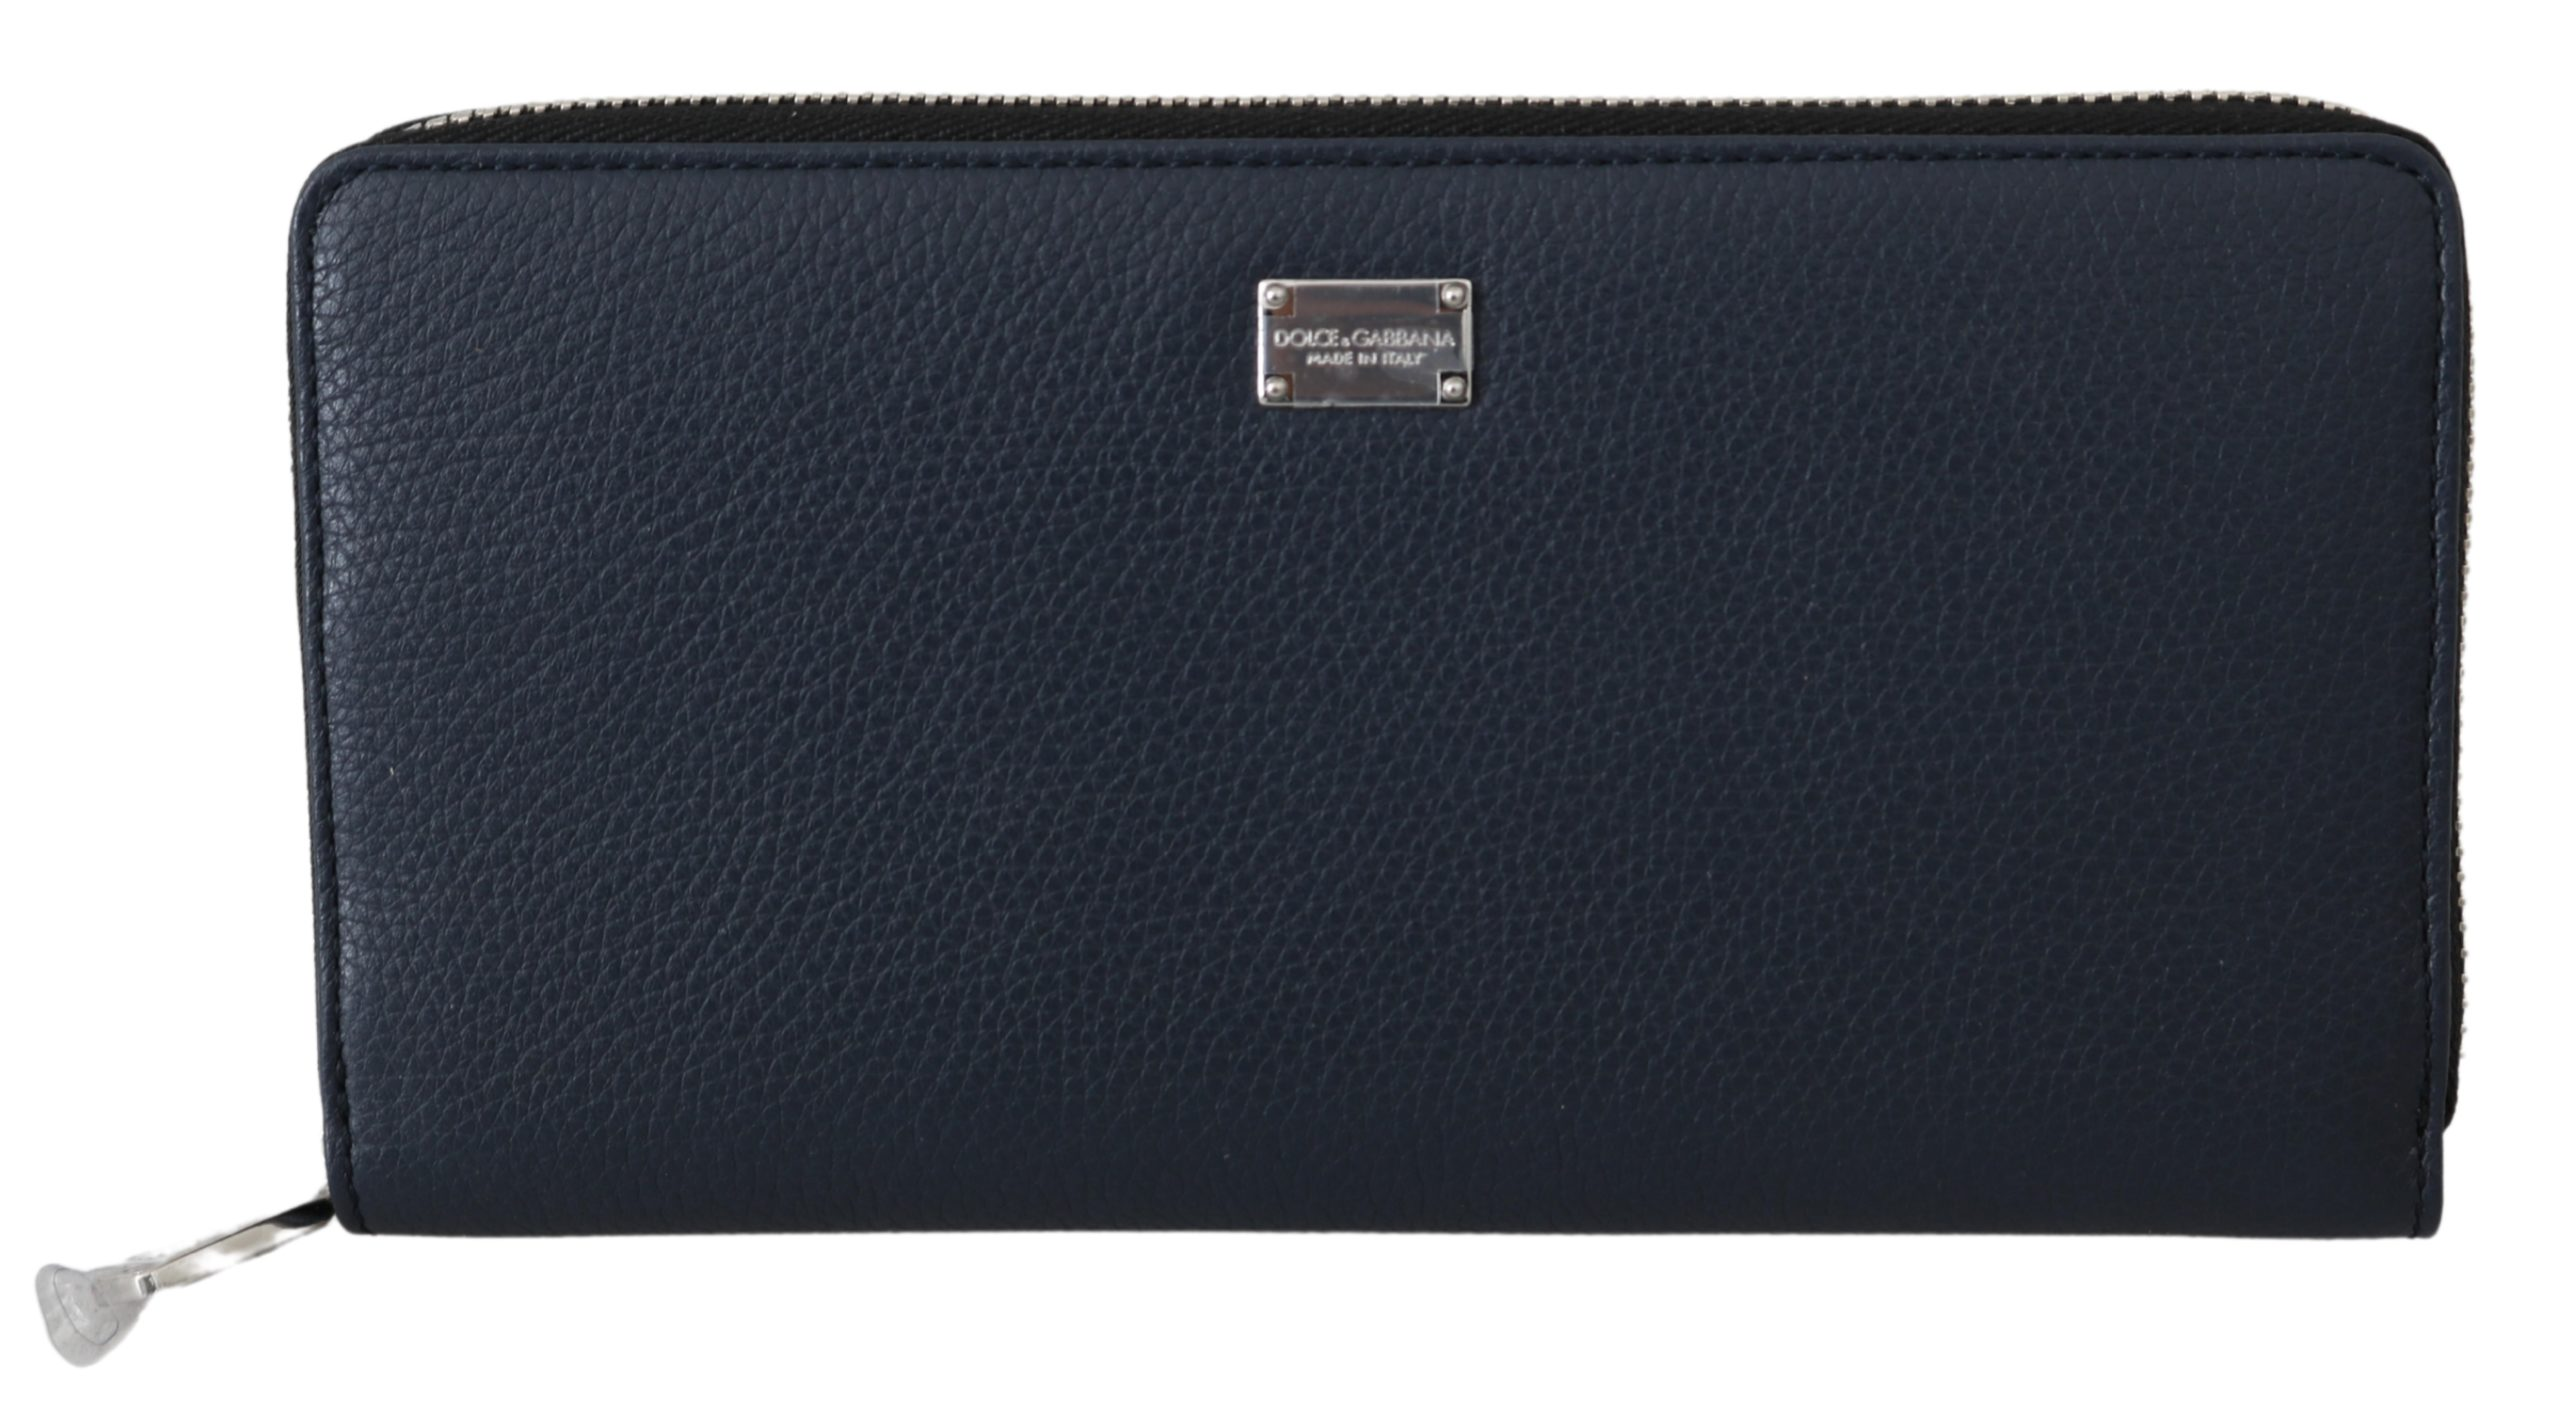 Dolce & Gabbana Men's Zip Around Continental Leather Wallet Blue VAS9633